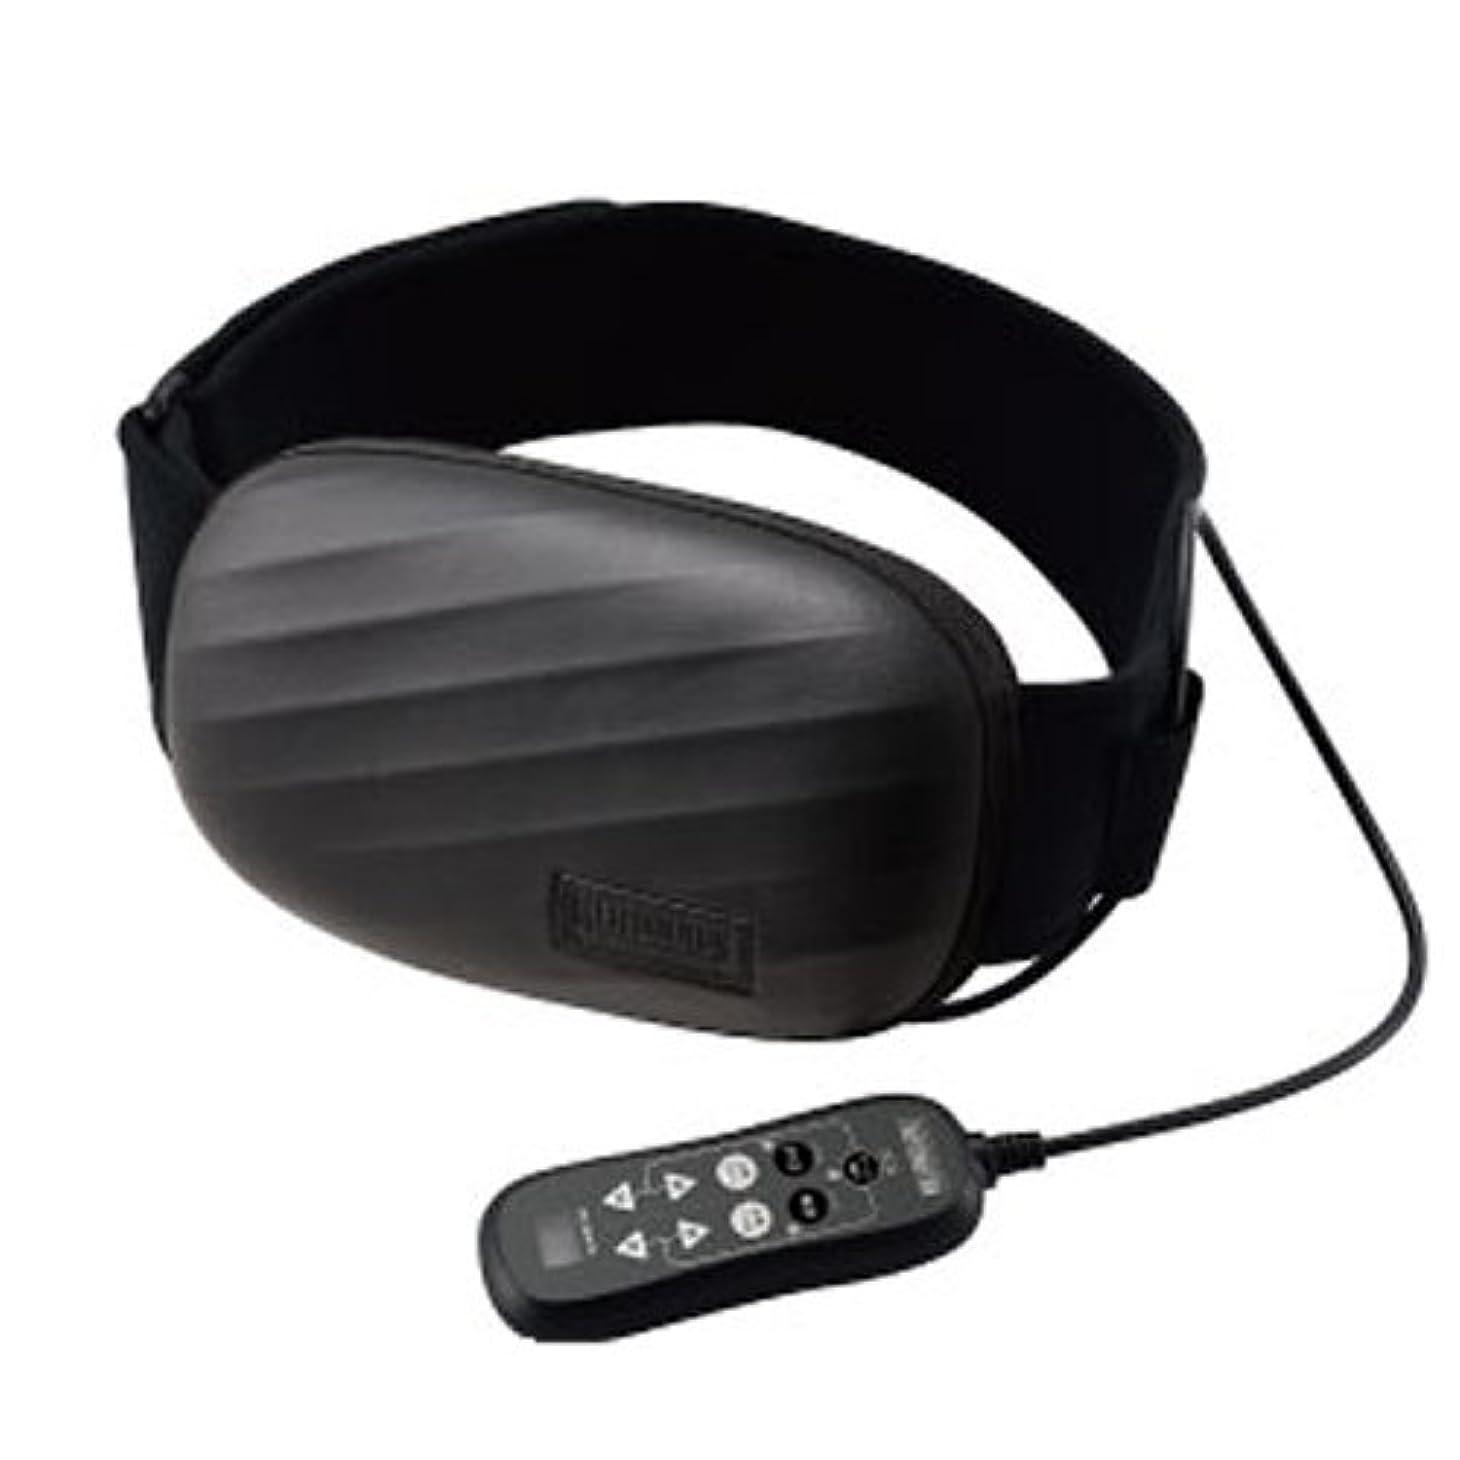 徒歩で怒る会議アテックス(ATEX) EMS 振動器メタボランS AX-KX130bk